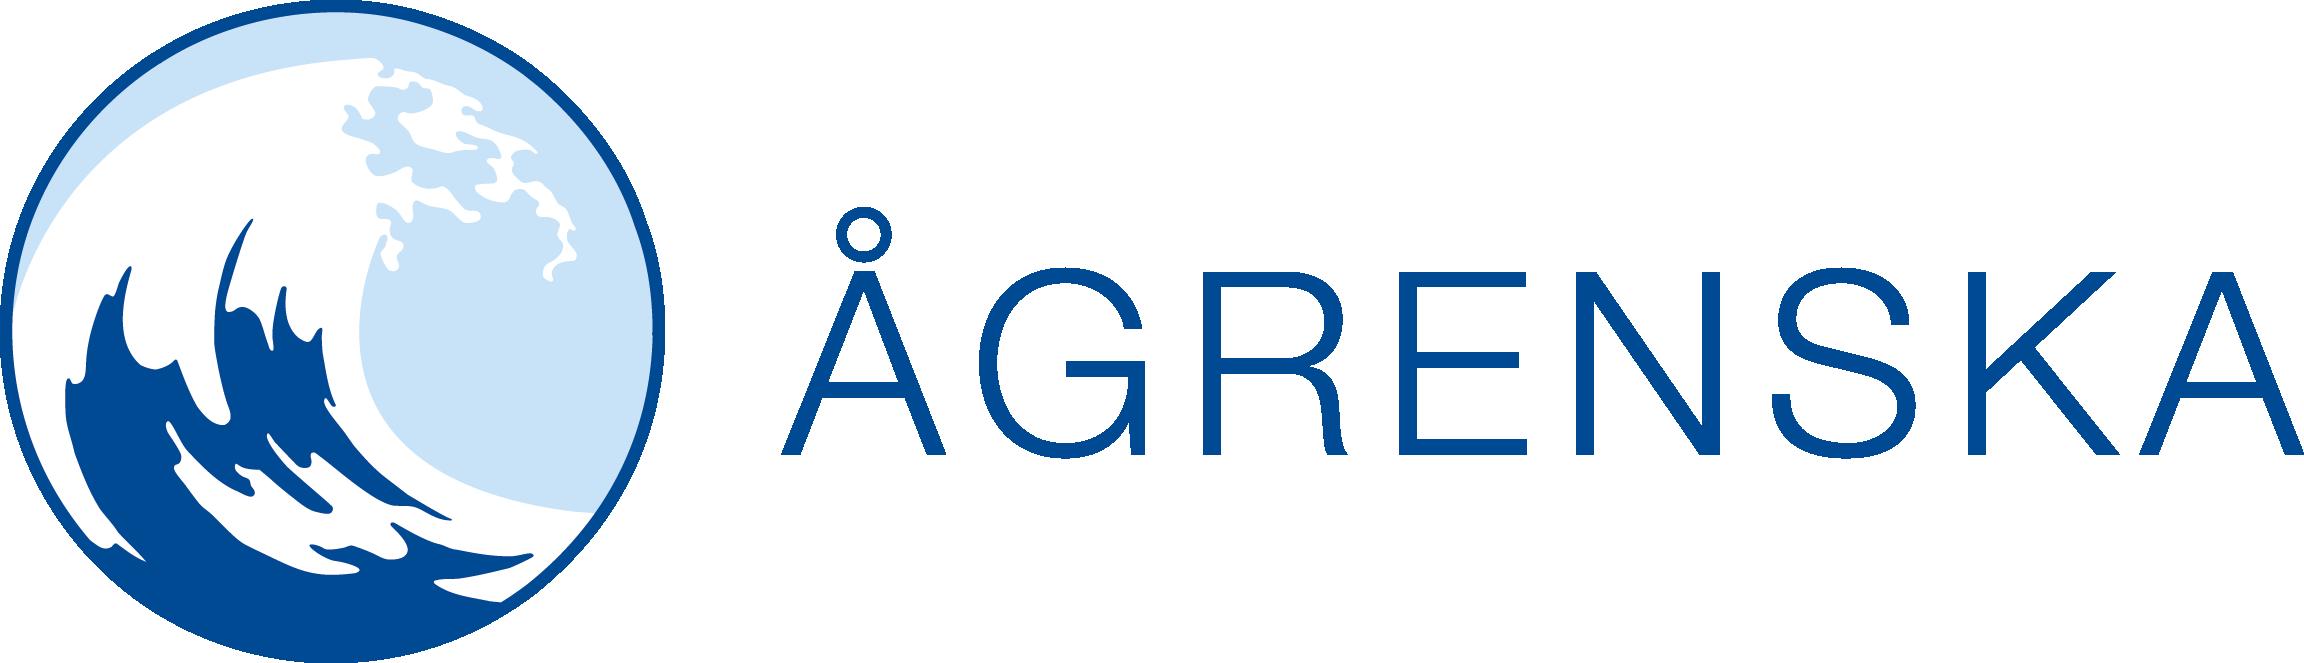 Ågrenskas logotyp